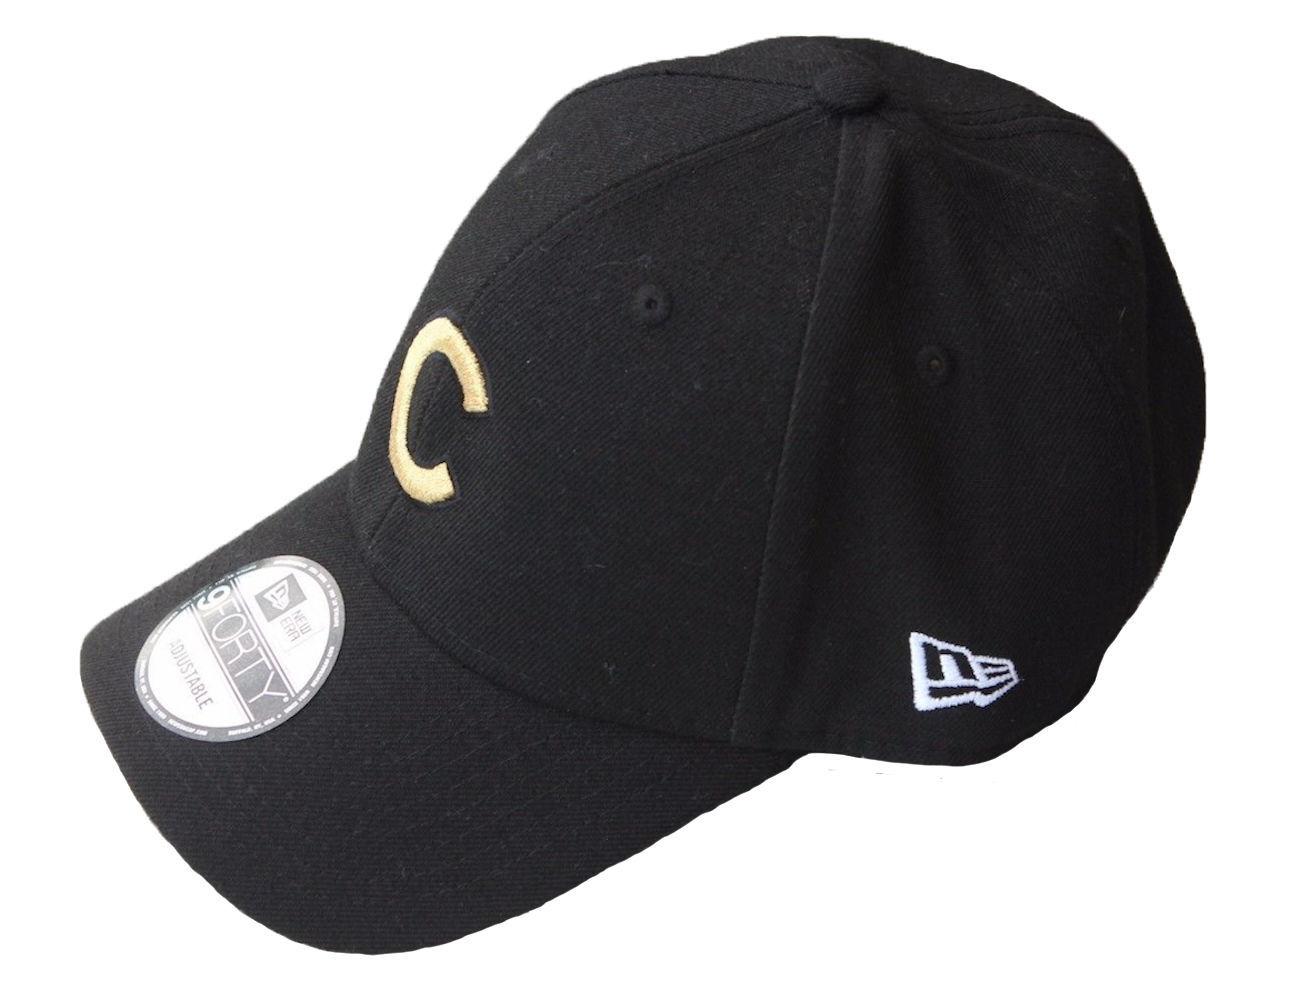 NEW ERA Chicago Cubs World Series Champions Adjustable Cap Black Gold Adult  MLB 3d73d5f36fc